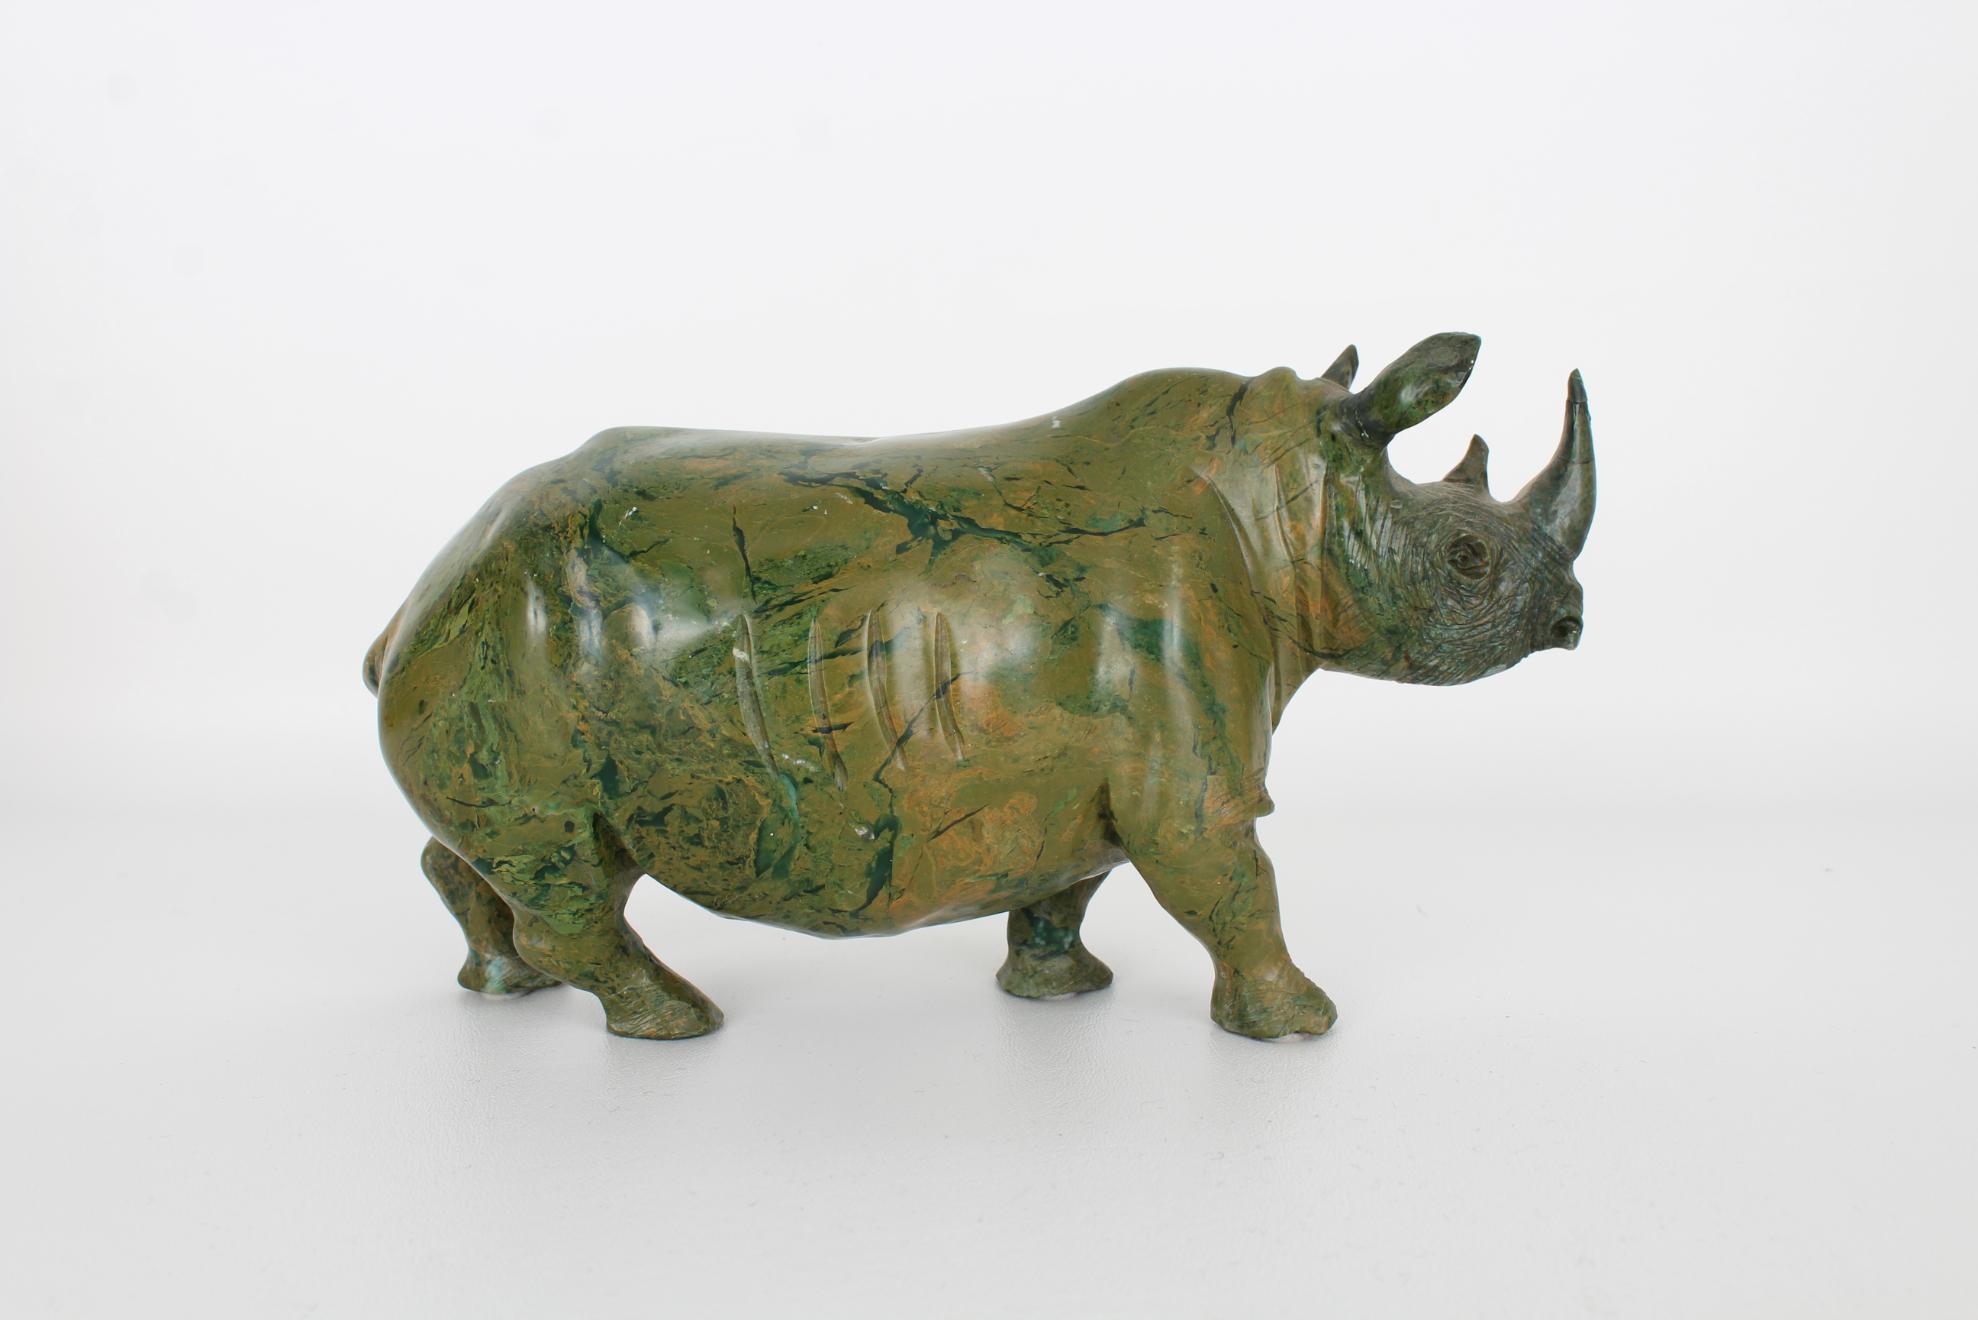 Vintage Carved Marble Rhinoceros - Image 3 of 5